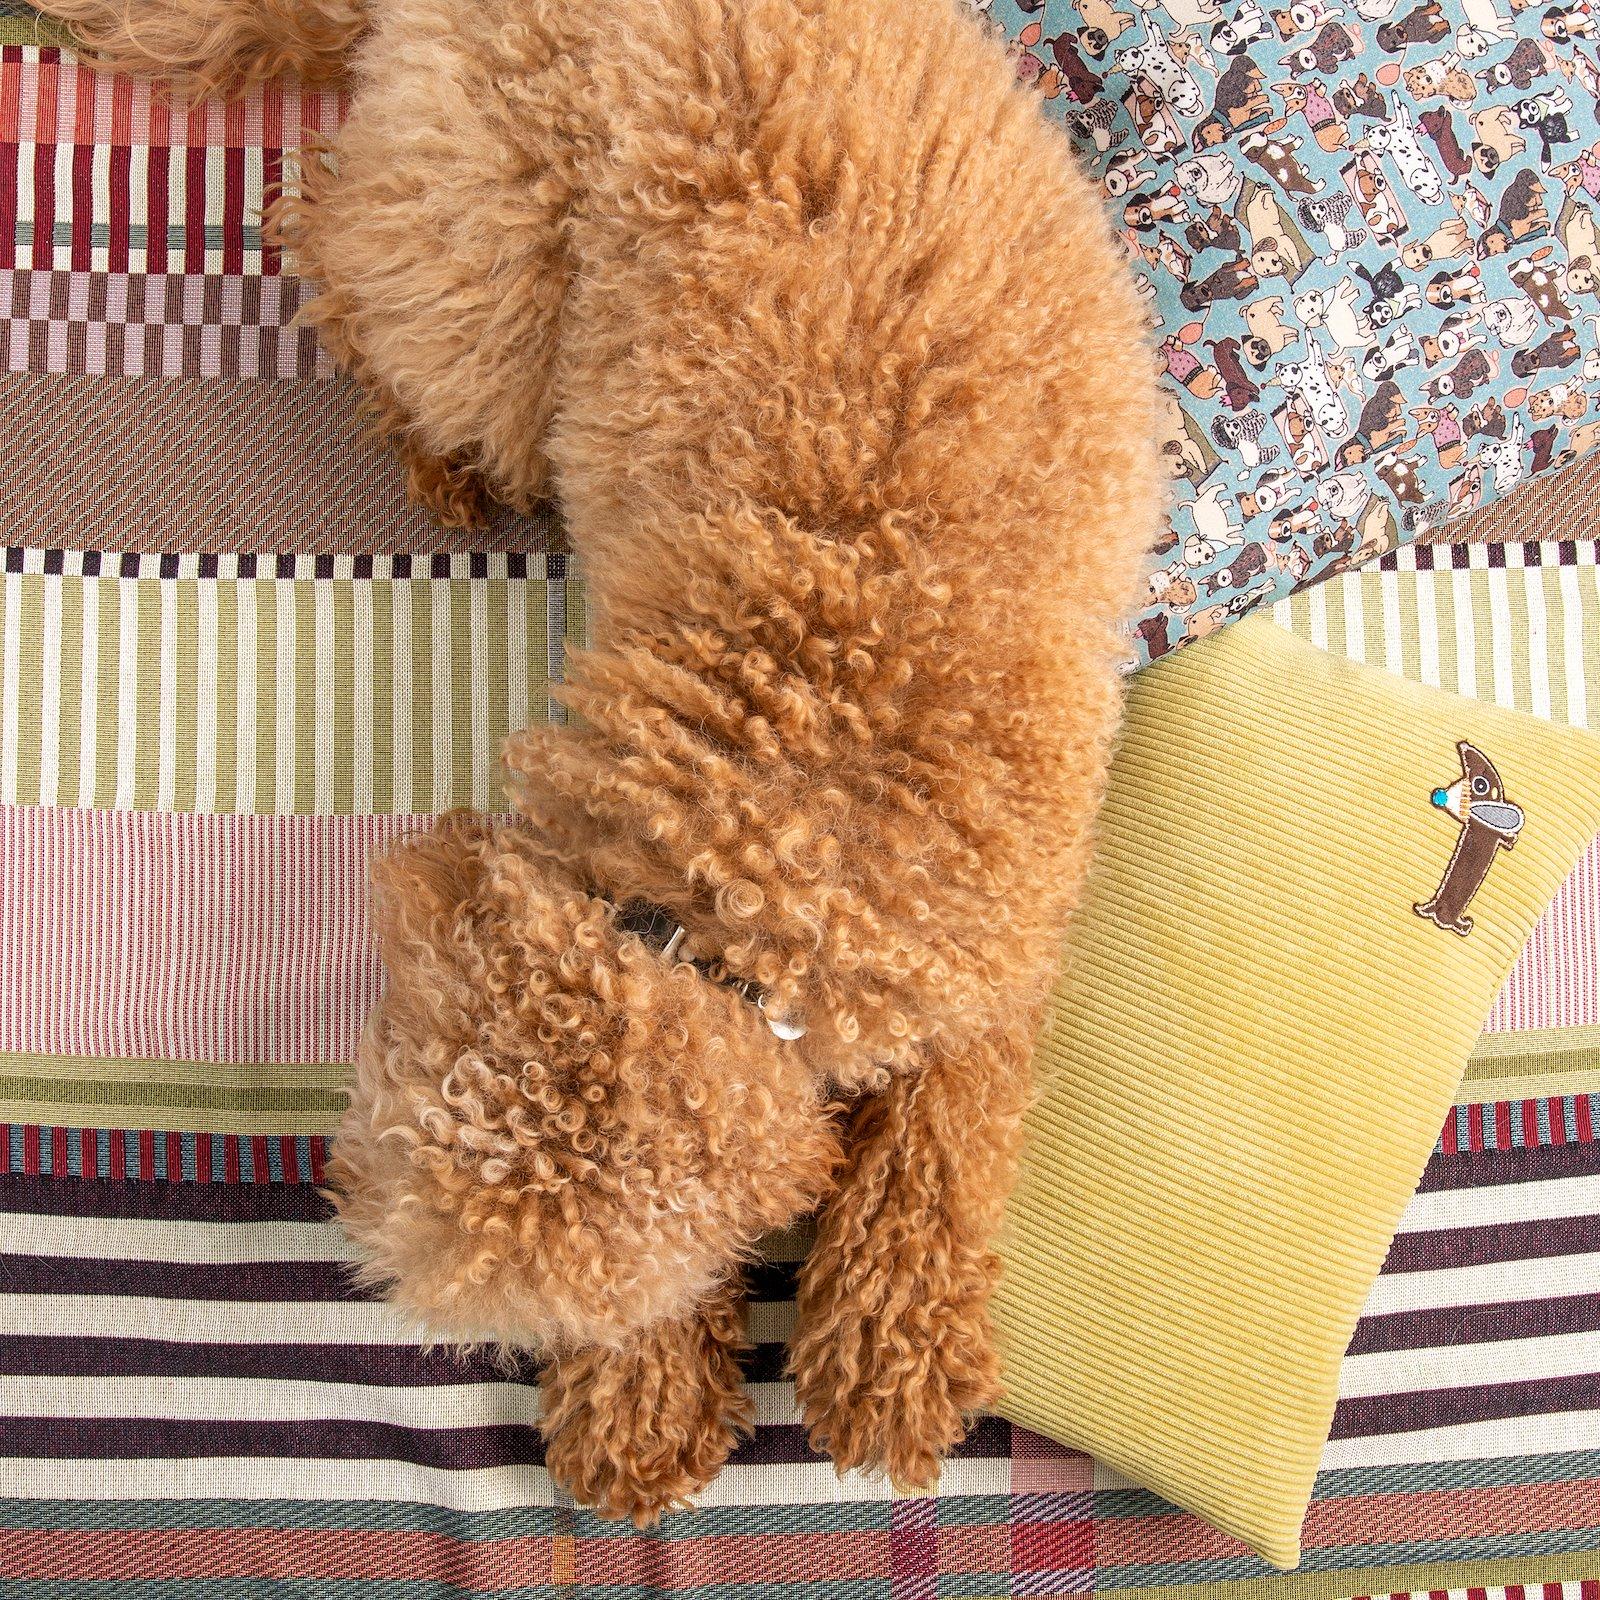 Upholstery corduroy 6 wales olive yellow DIY5015_824172_38080006_780560_824154_24815_bundle